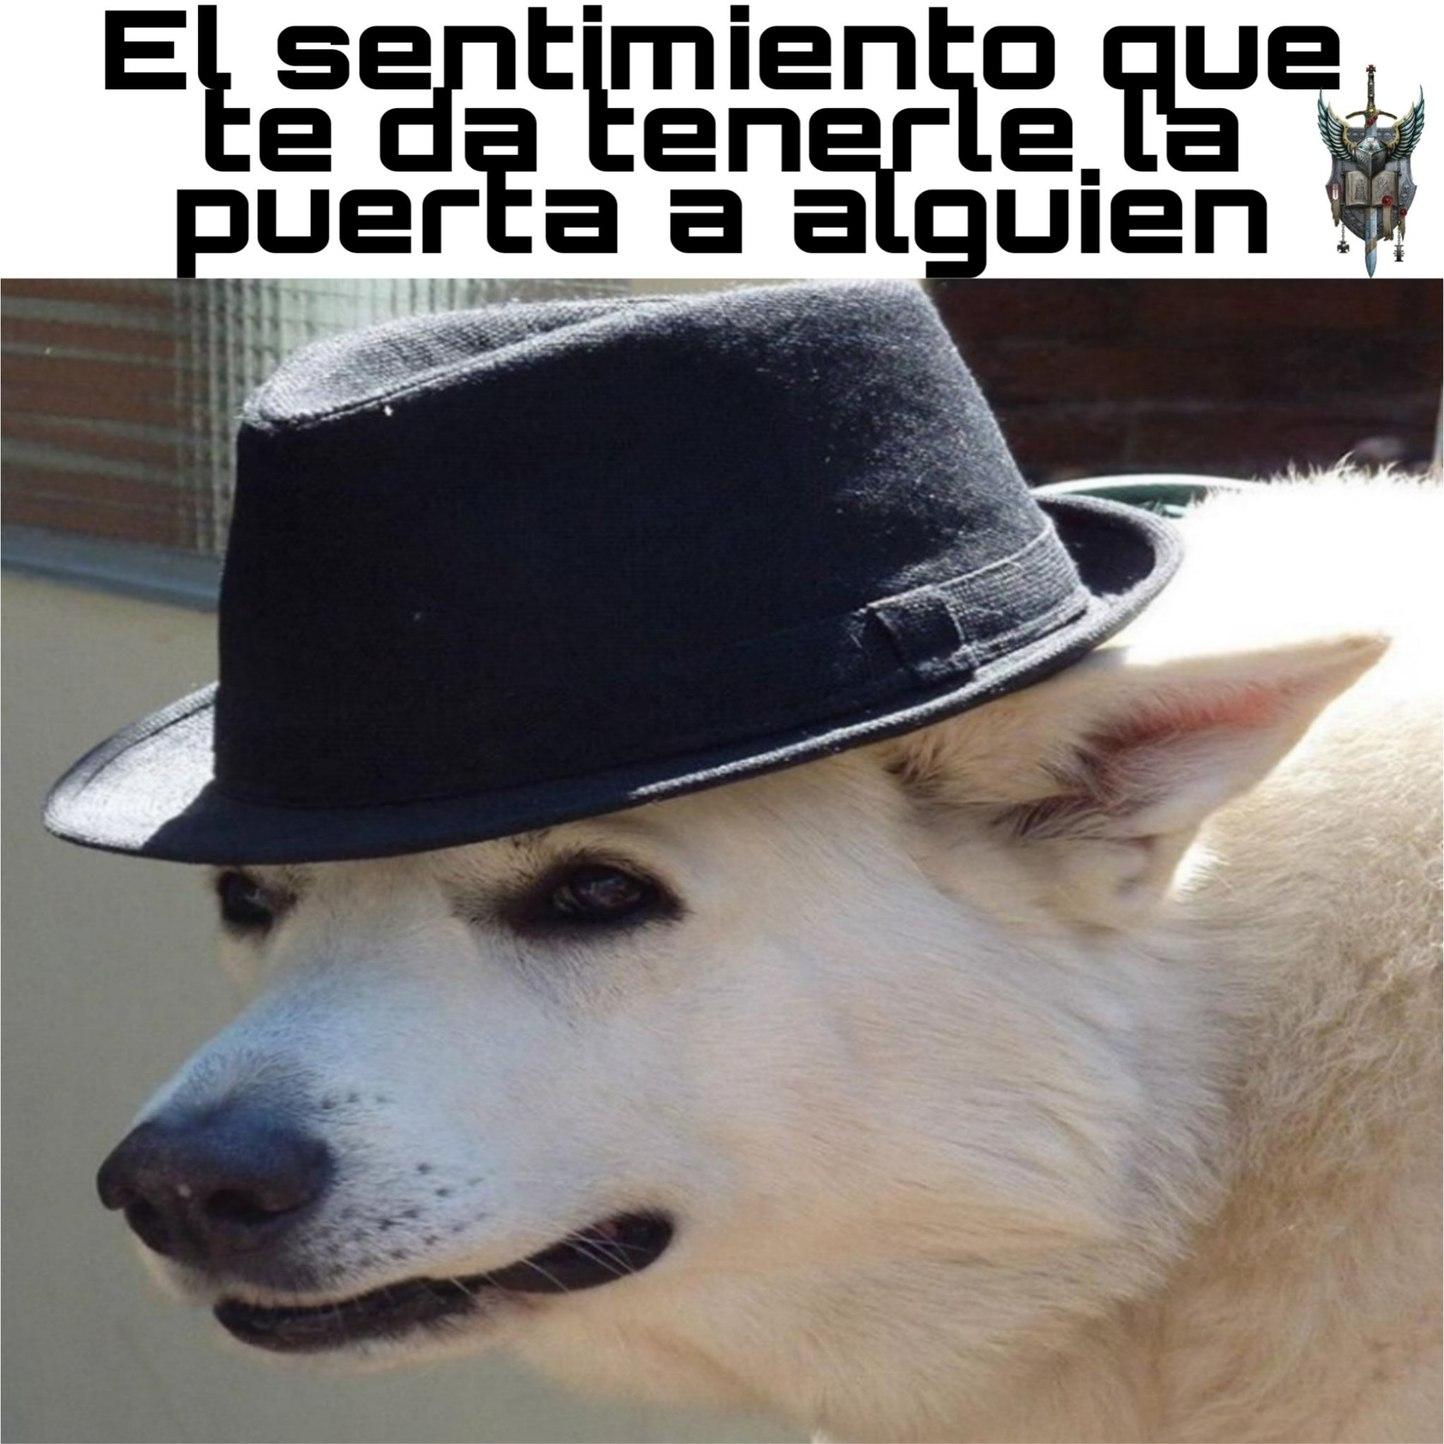 M'lady - meme